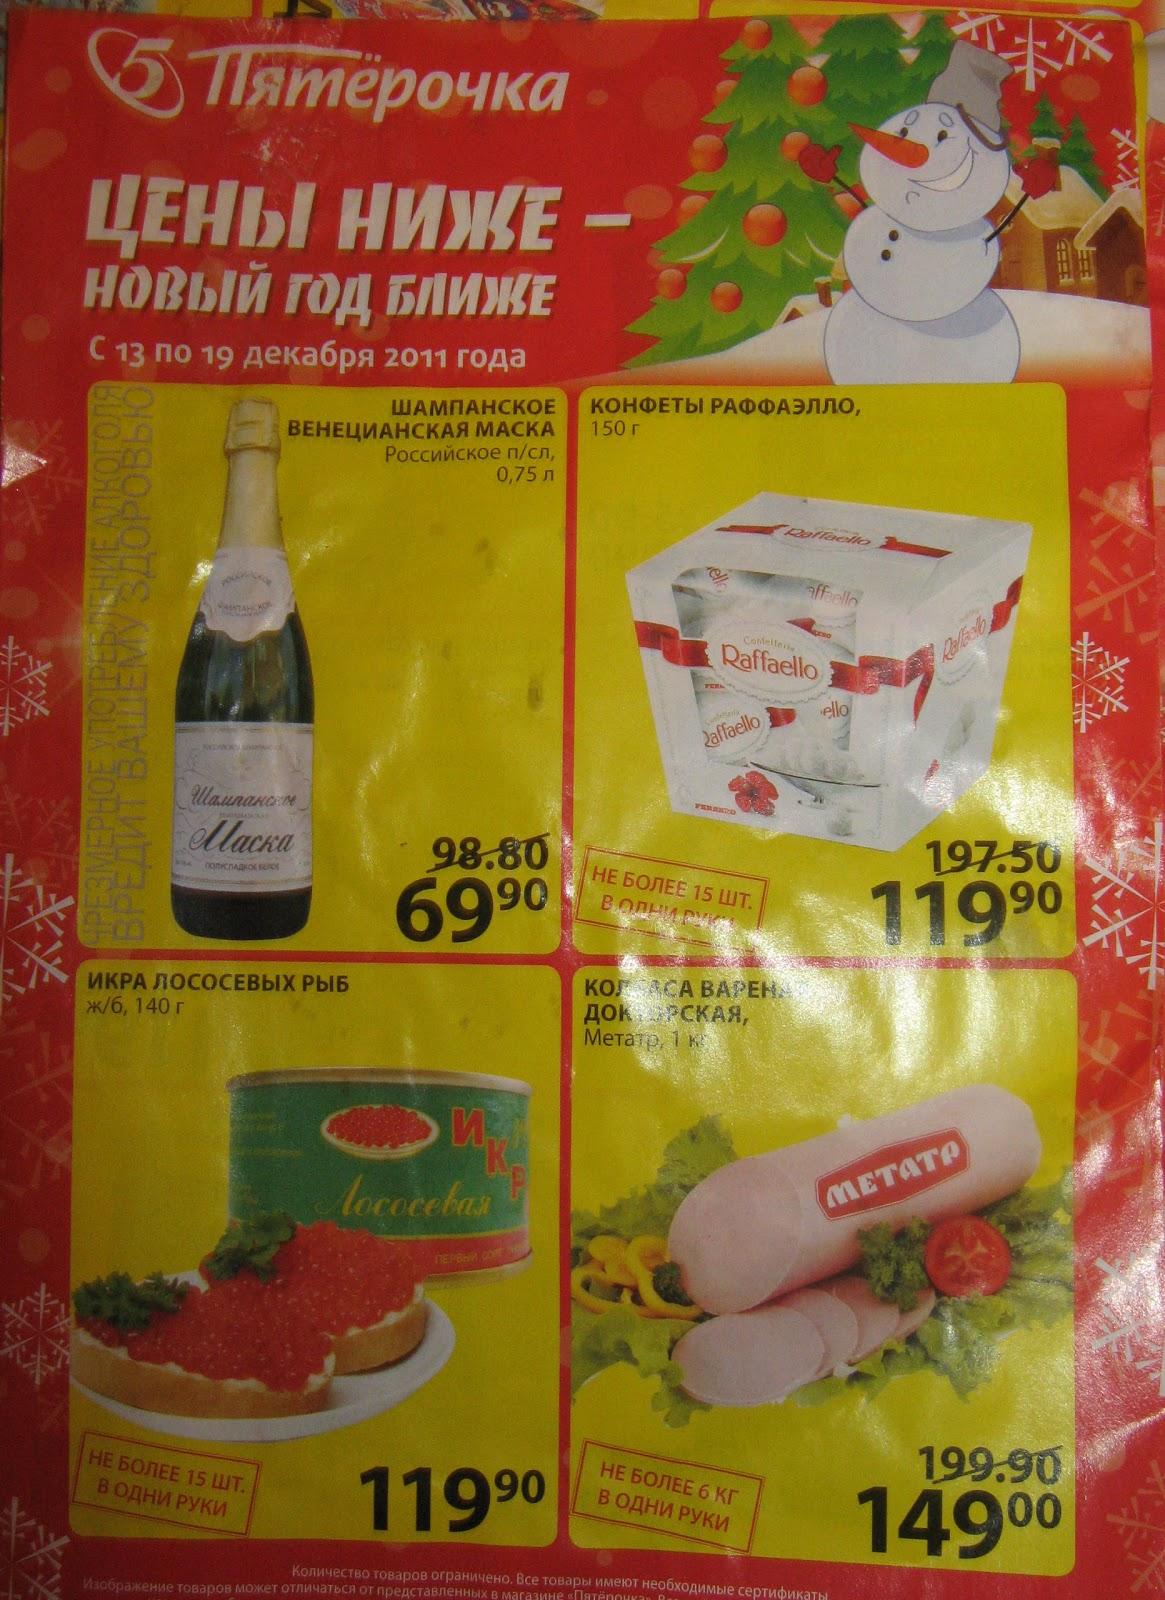 Купит шампанское по акции